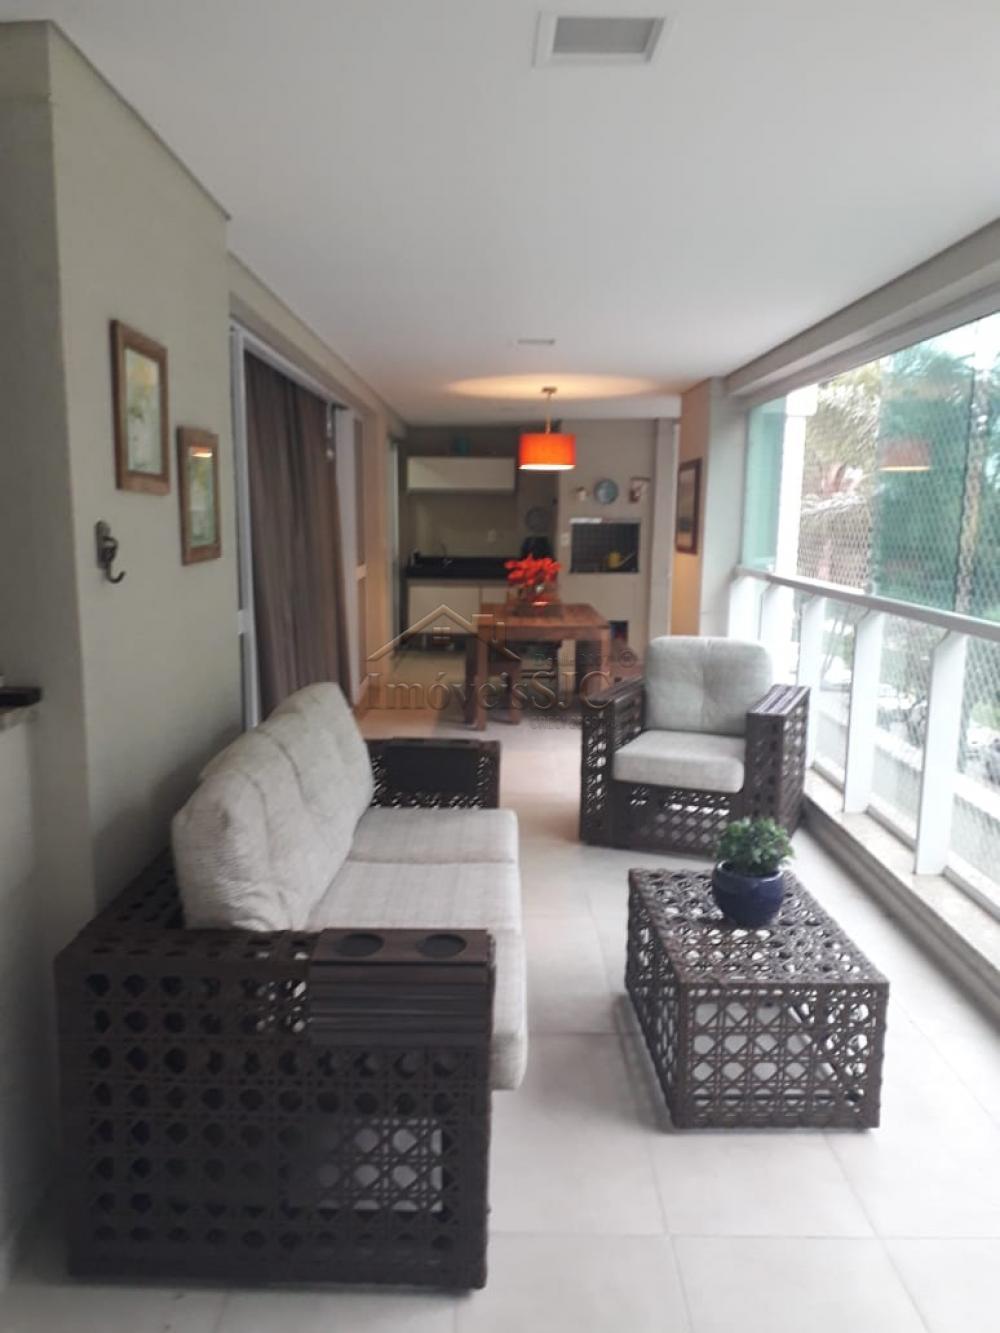 Alugar Apartamentos / Padrão em São José dos Campos R$ 7.500,00 - Foto 5